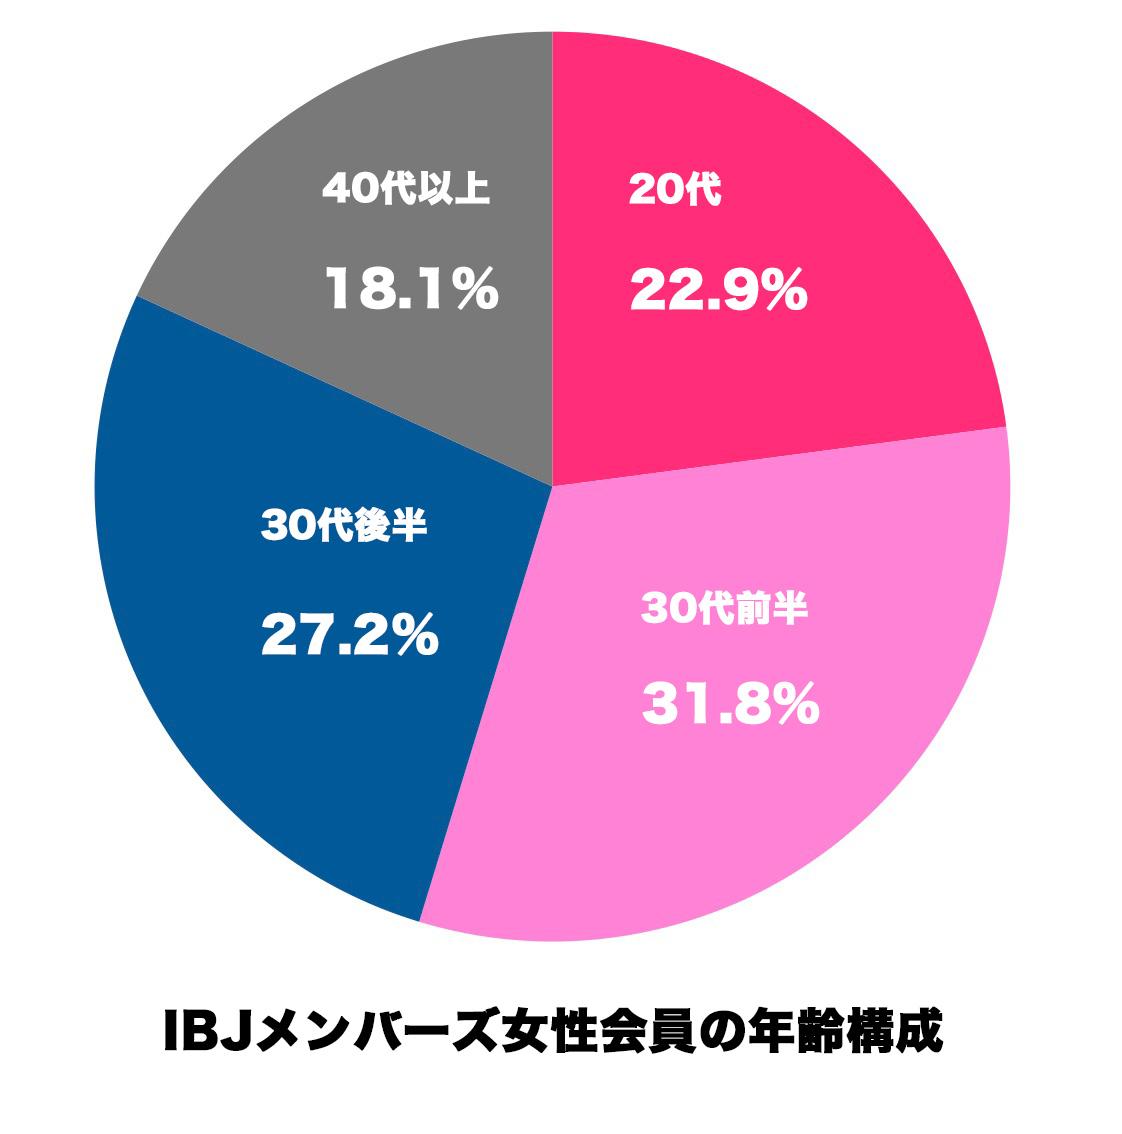 2015/12/29現在 (出典:IBJメンバーズ公式サイト)